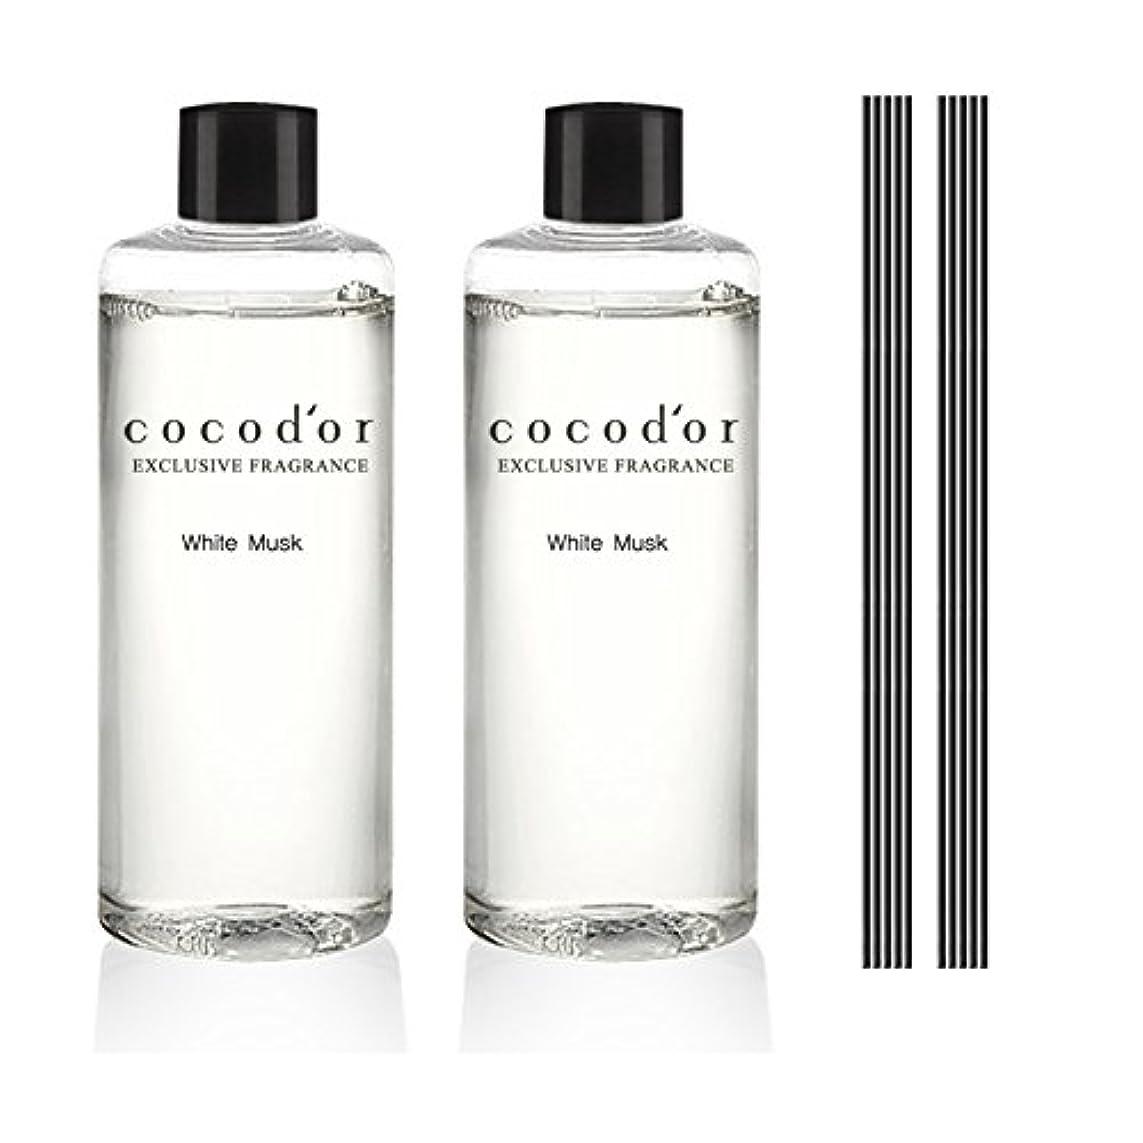 言及する骨折水平(ココドール) COCODOR リードディフューザーリフィル2個(400ml) (ホワイトムスク) [並行輸入品]